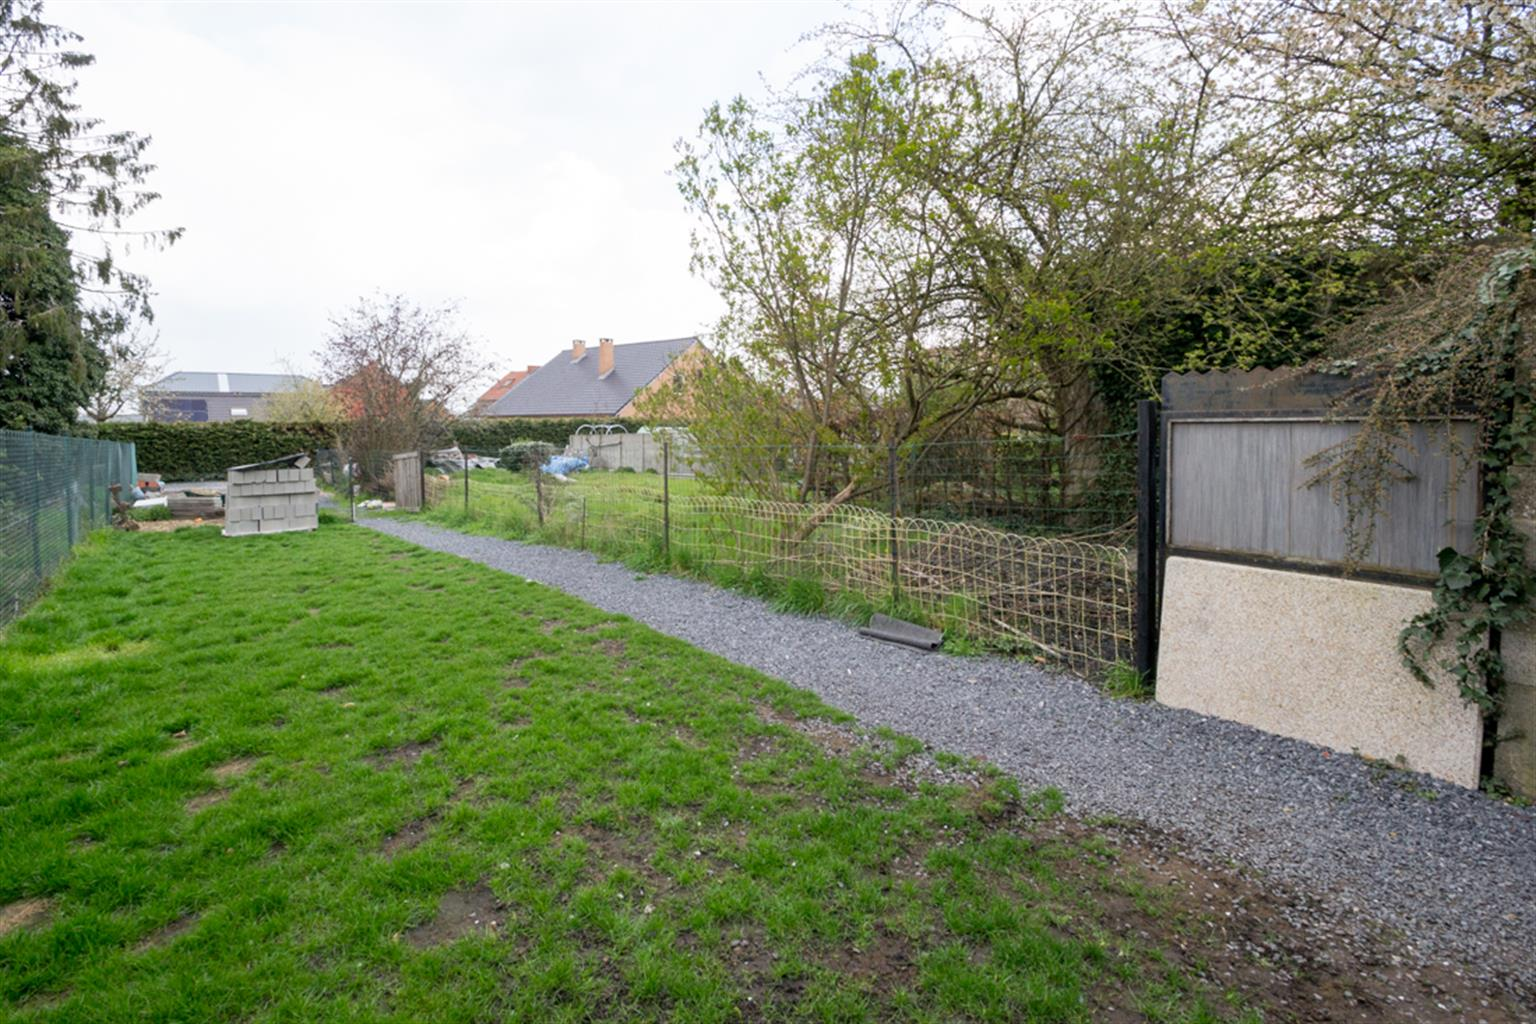 Maison - Epinois - #4305630-12